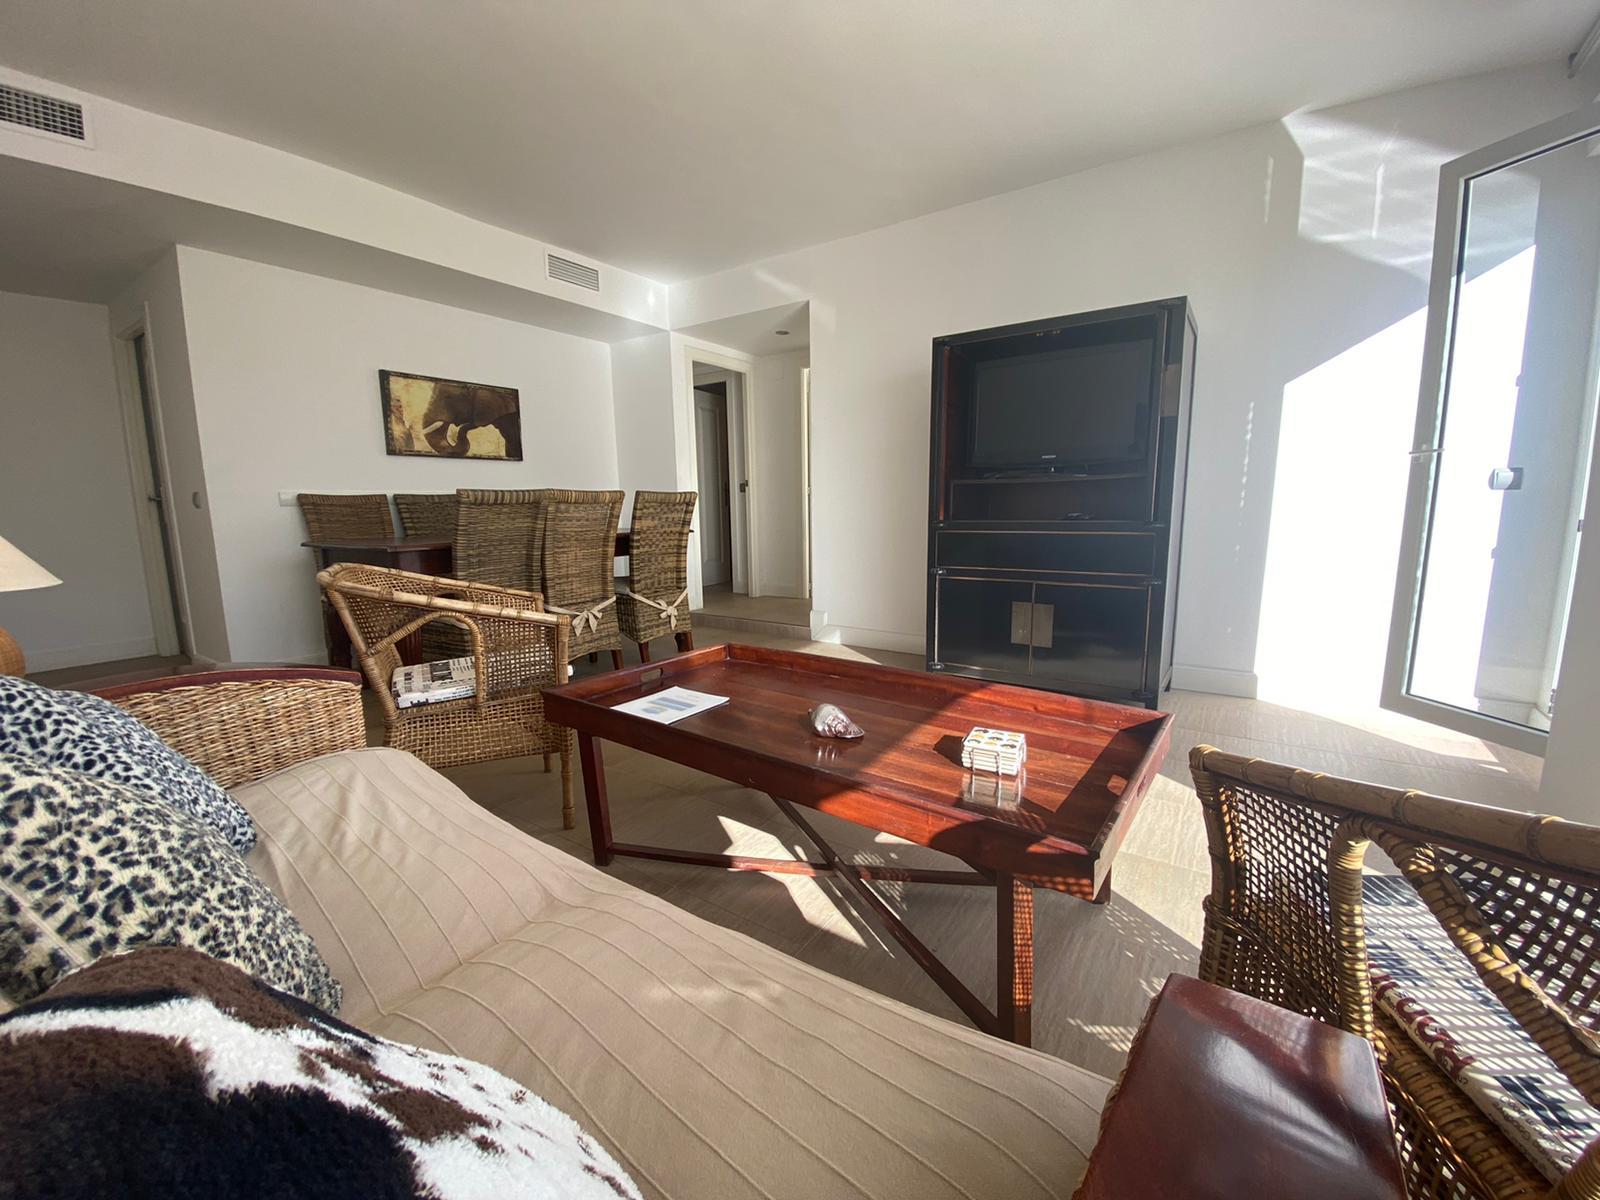 Imagen 22 del Apartamento Turístico, Ático 1 Levante (3d+2b), Punta del Moral (HUELVA), Paseo de la Cruz nº22